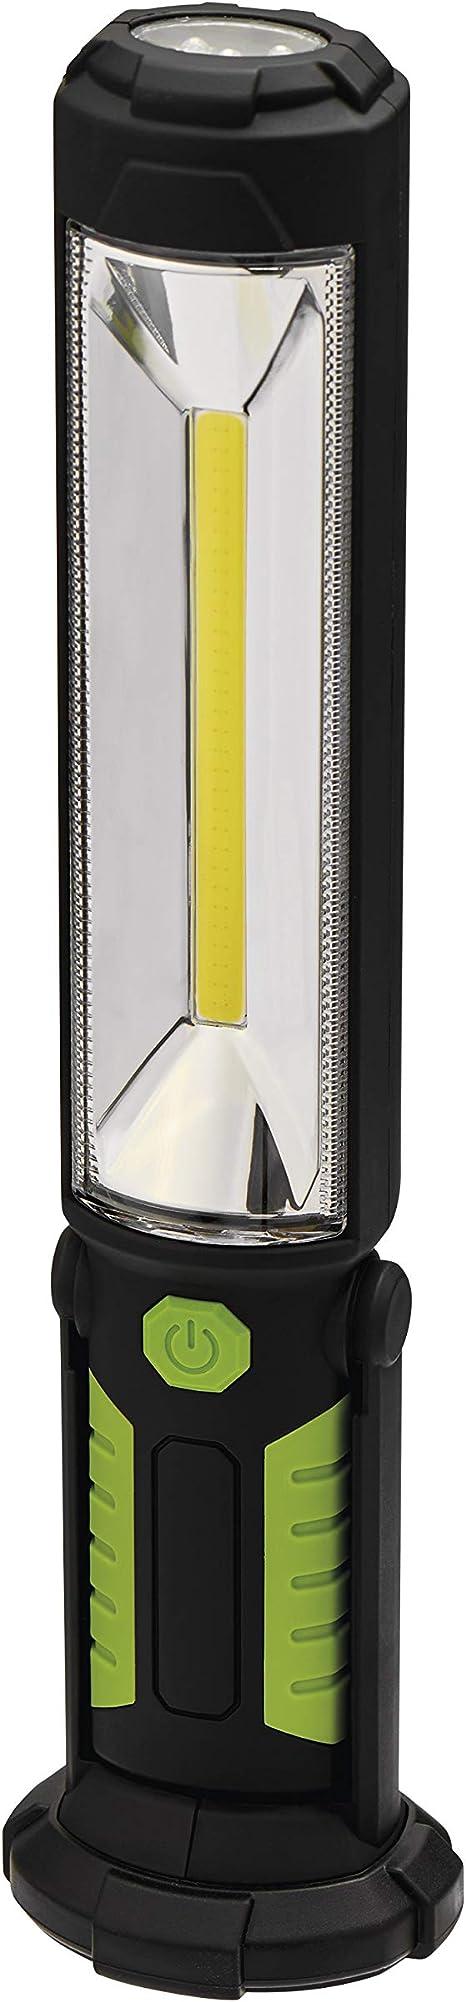 Emos Cob Led Aufladbare Arbeitsleuchte Werkstattlampe Mit Magnet Und Haken 500 Lumen 30m Leuchtweite Stoß Und Wasserbeständig Ip43 Beleuchtung